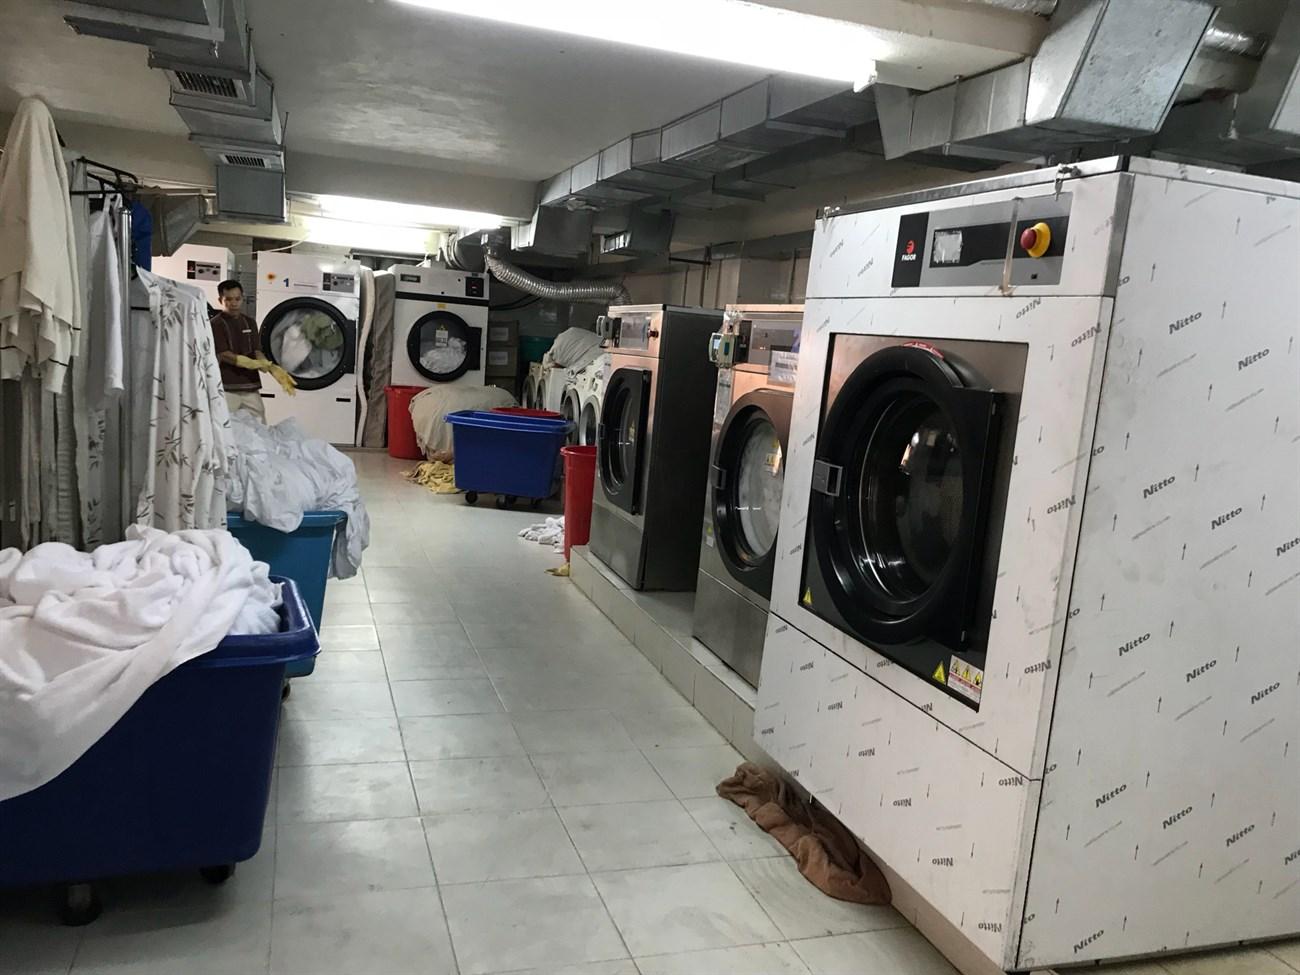 Thuê dịch vụ giặt đồ bảo hộ lao động tại Thành phố mới Bình Dương